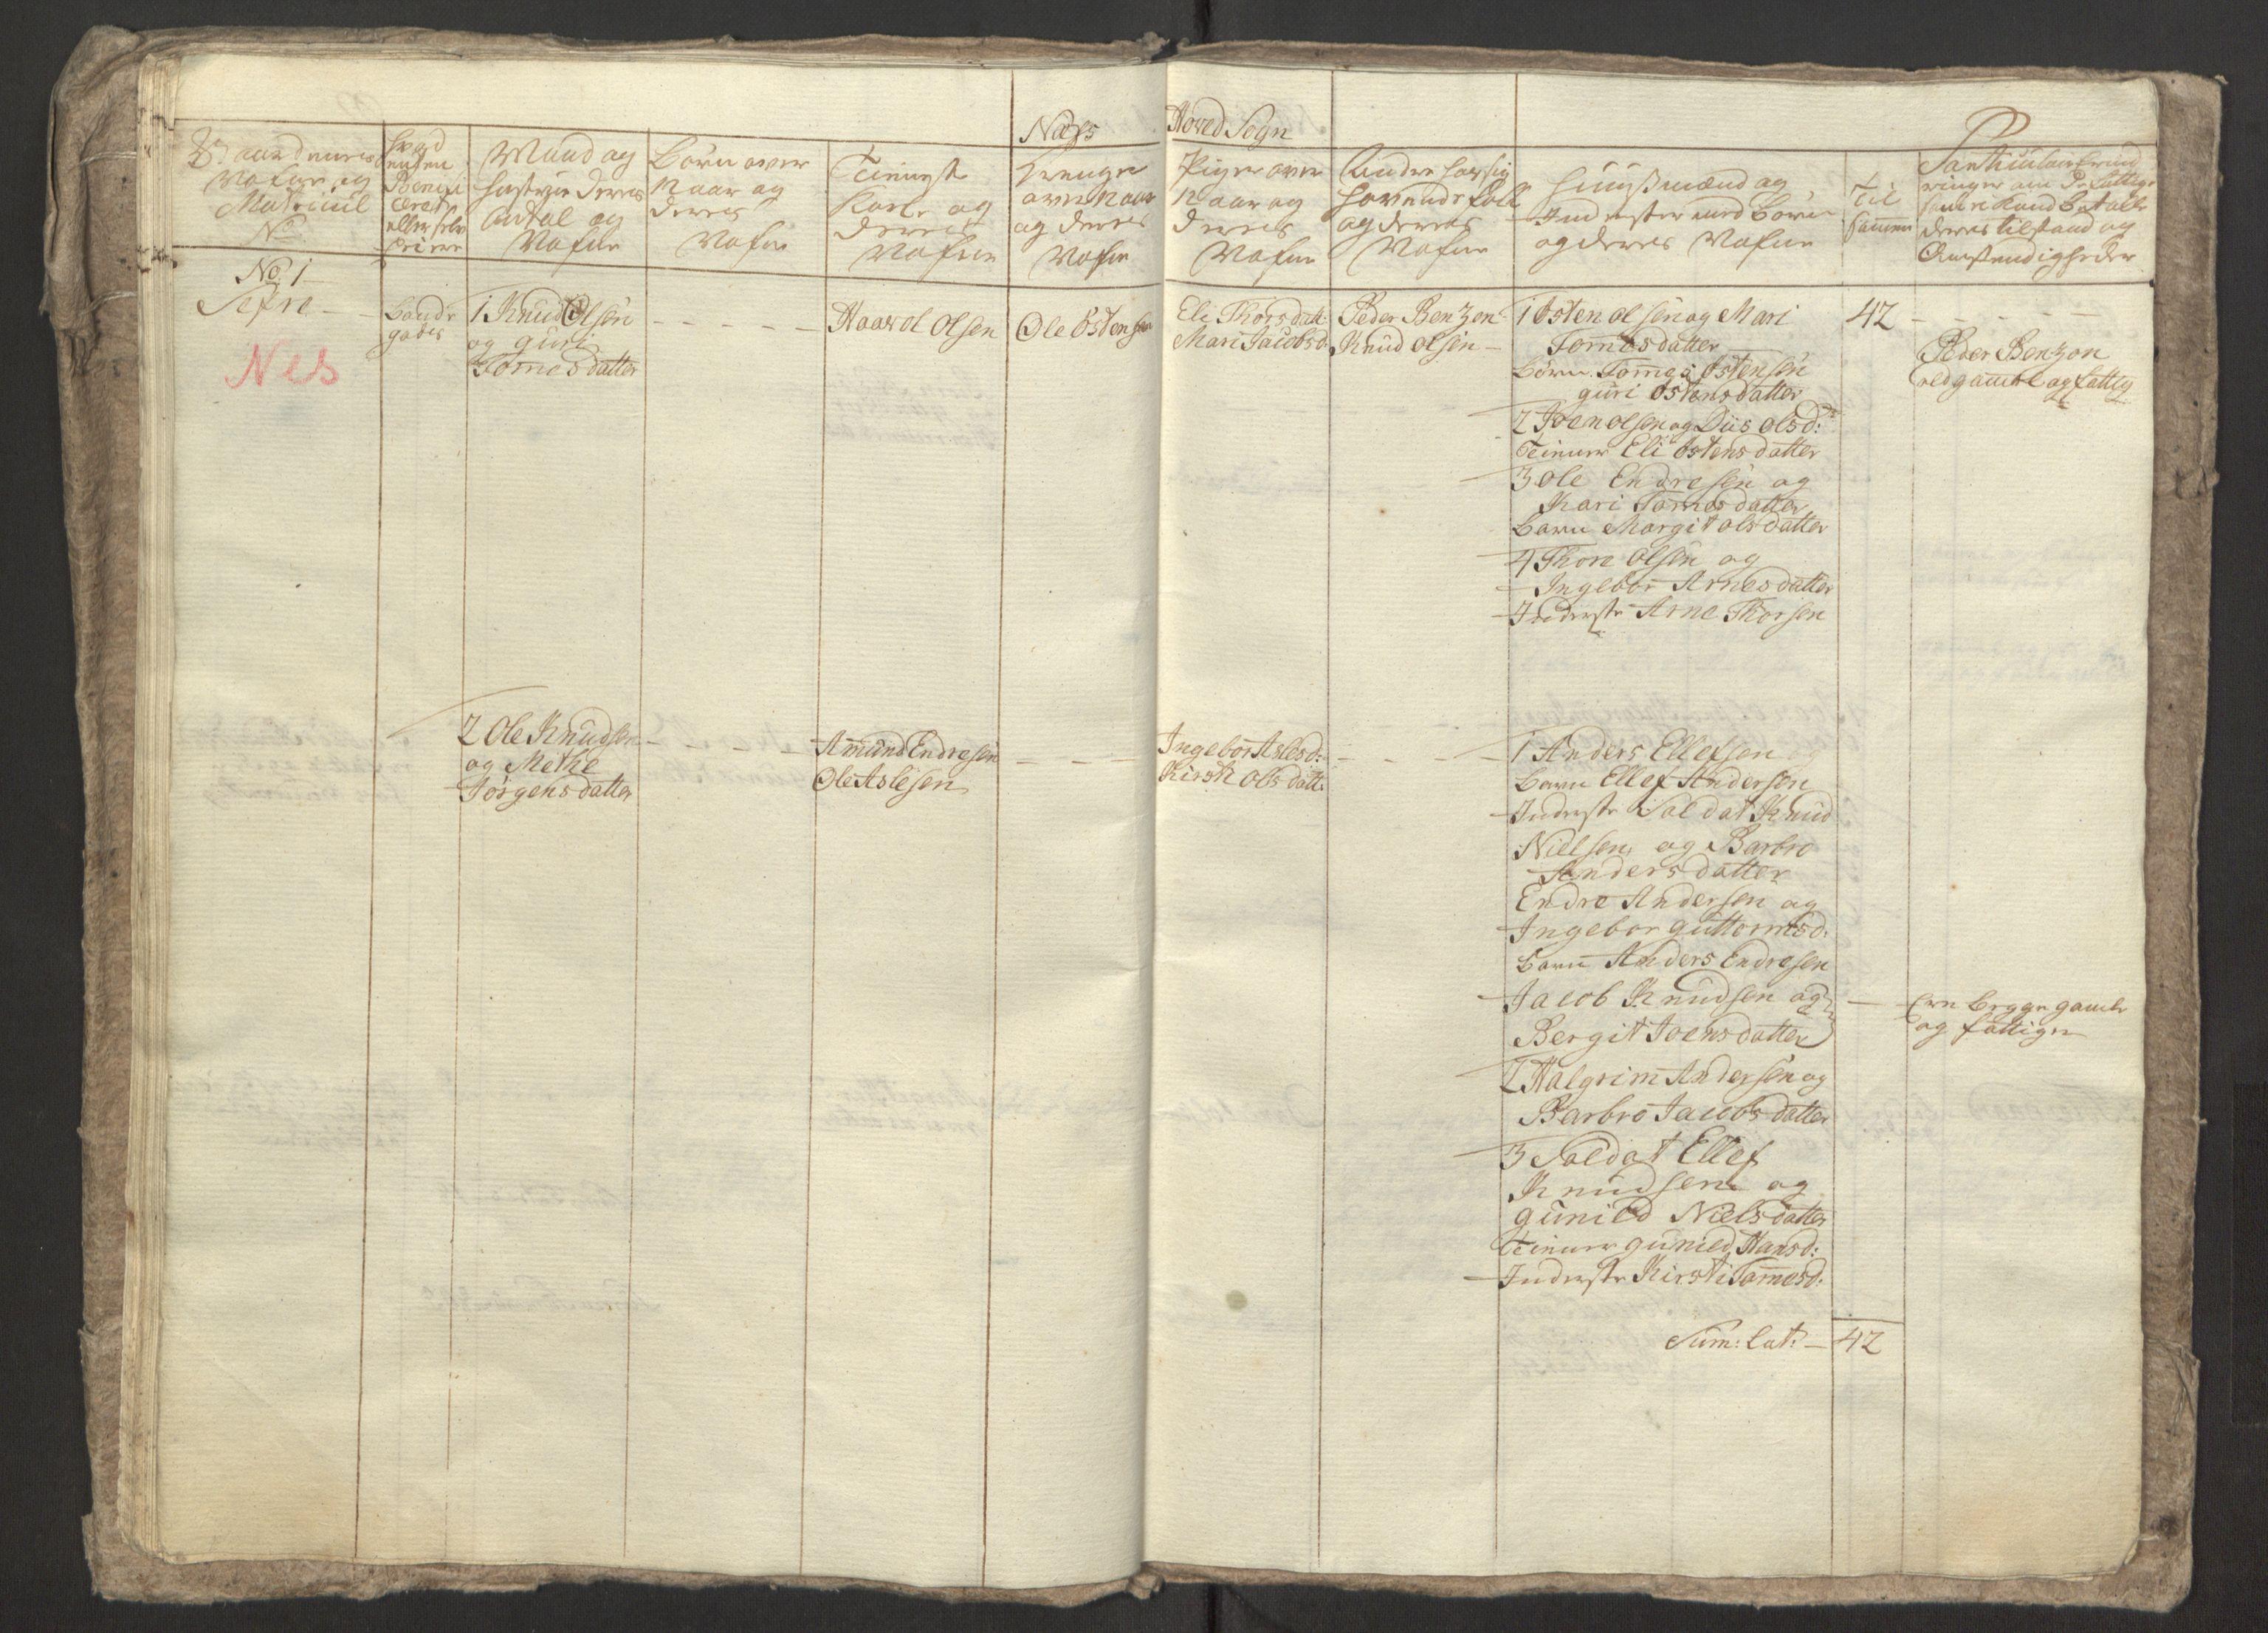 RA, Rentekammeret inntil 1814, Reviderte regnskaper, Fogderegnskap, R23/L1565: Ekstraskatten Ringerike og Hallingdal, 1762-1763, s. 157